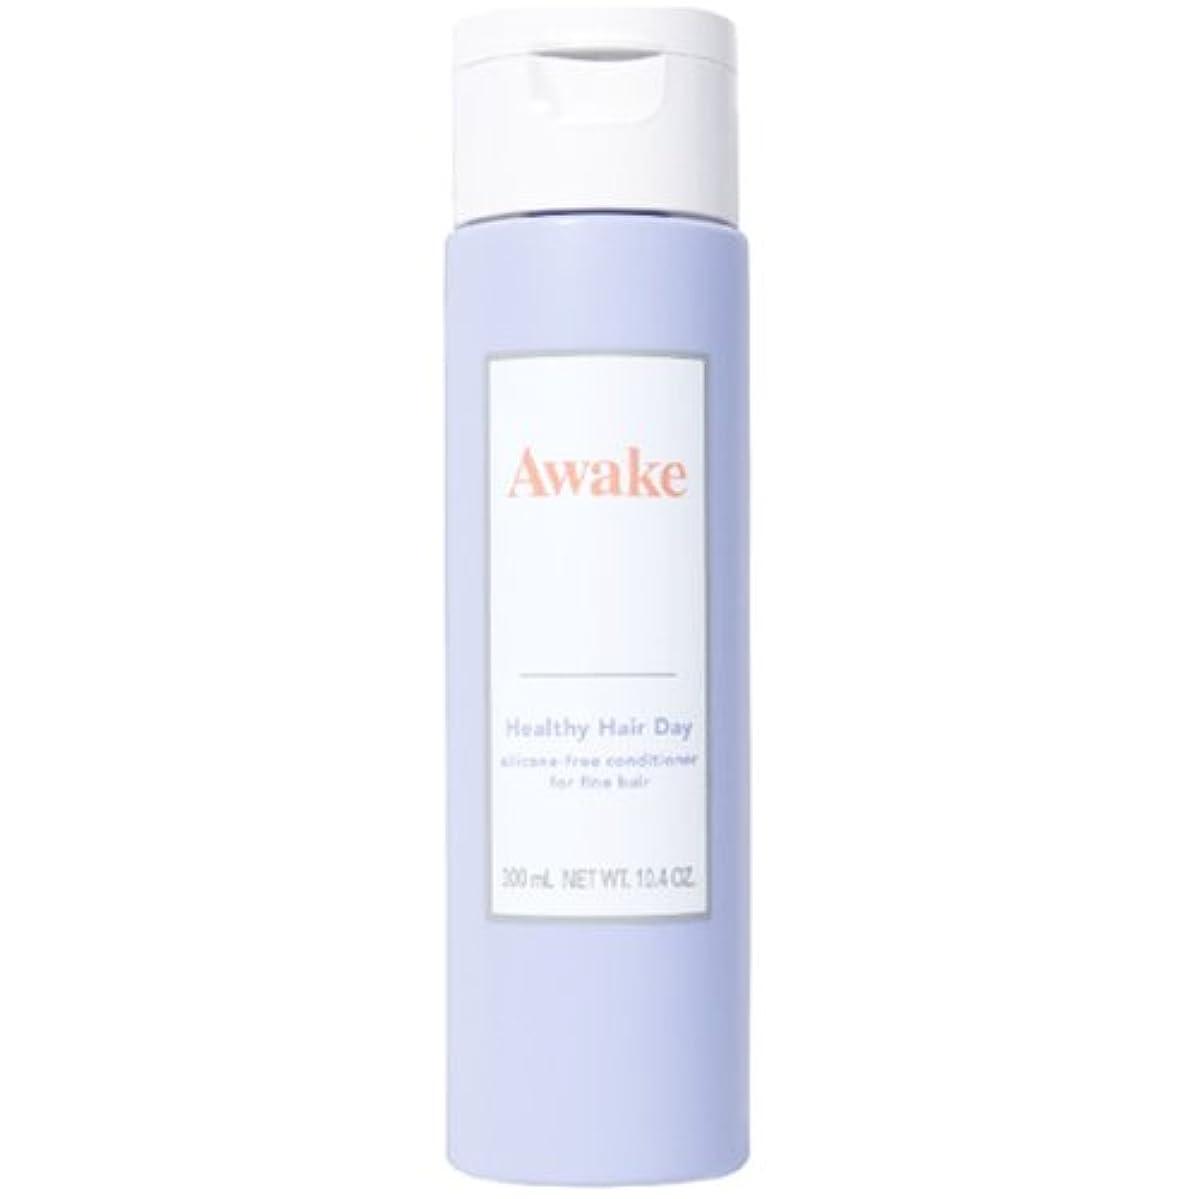 キャッチリレーグリットアウェイク(AWAKE) Awake(アウェイク) ヘルシーヘアデイ シリコーンフリー ヘアコンディショナー ハリコシアップヘア用 (300mL)